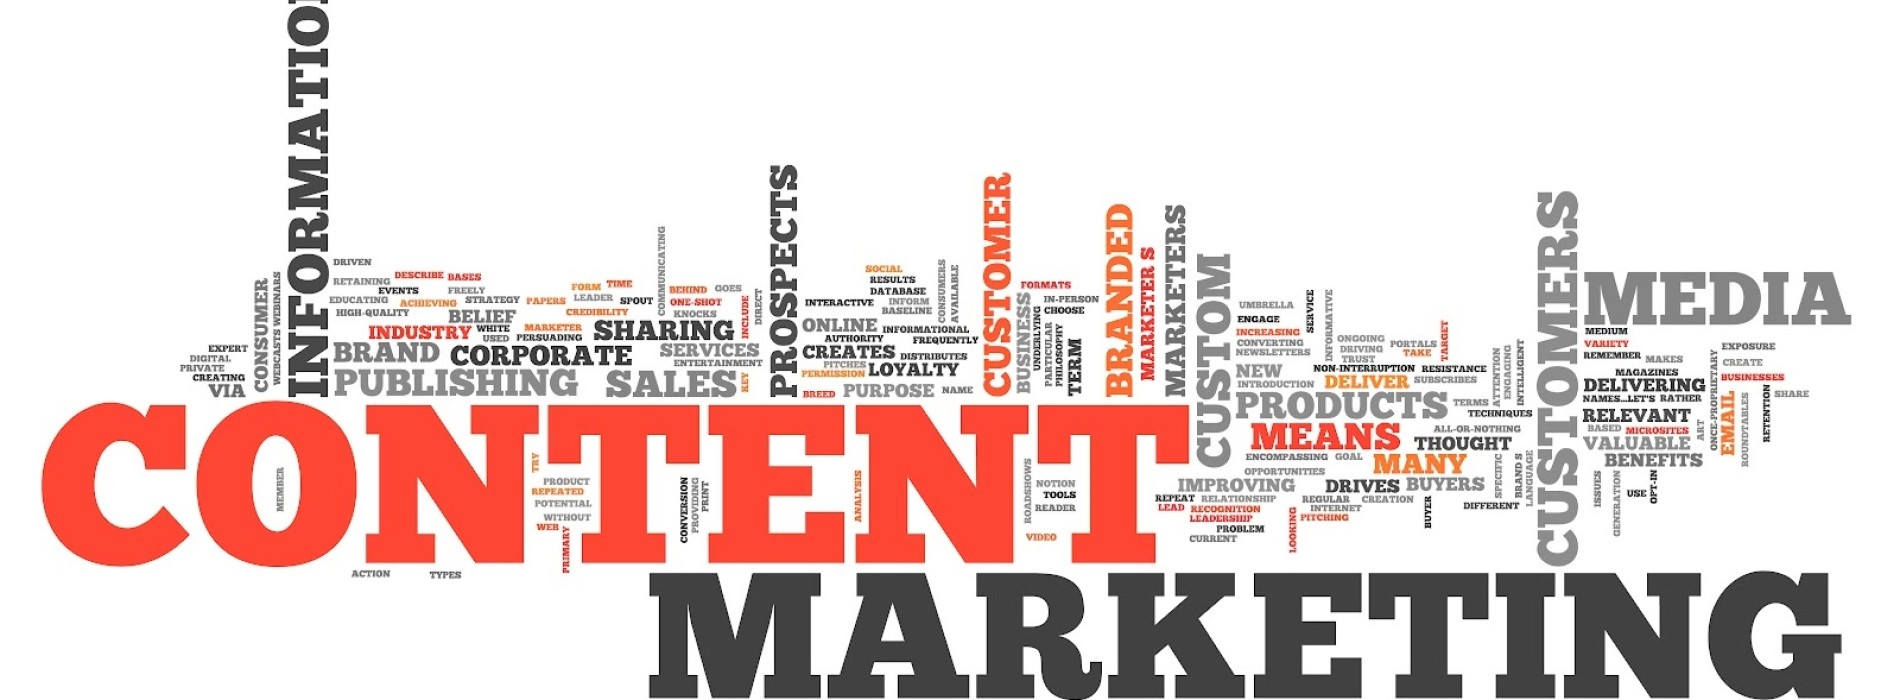 Jak ująć konkurencję w działaniach content marketingowych?